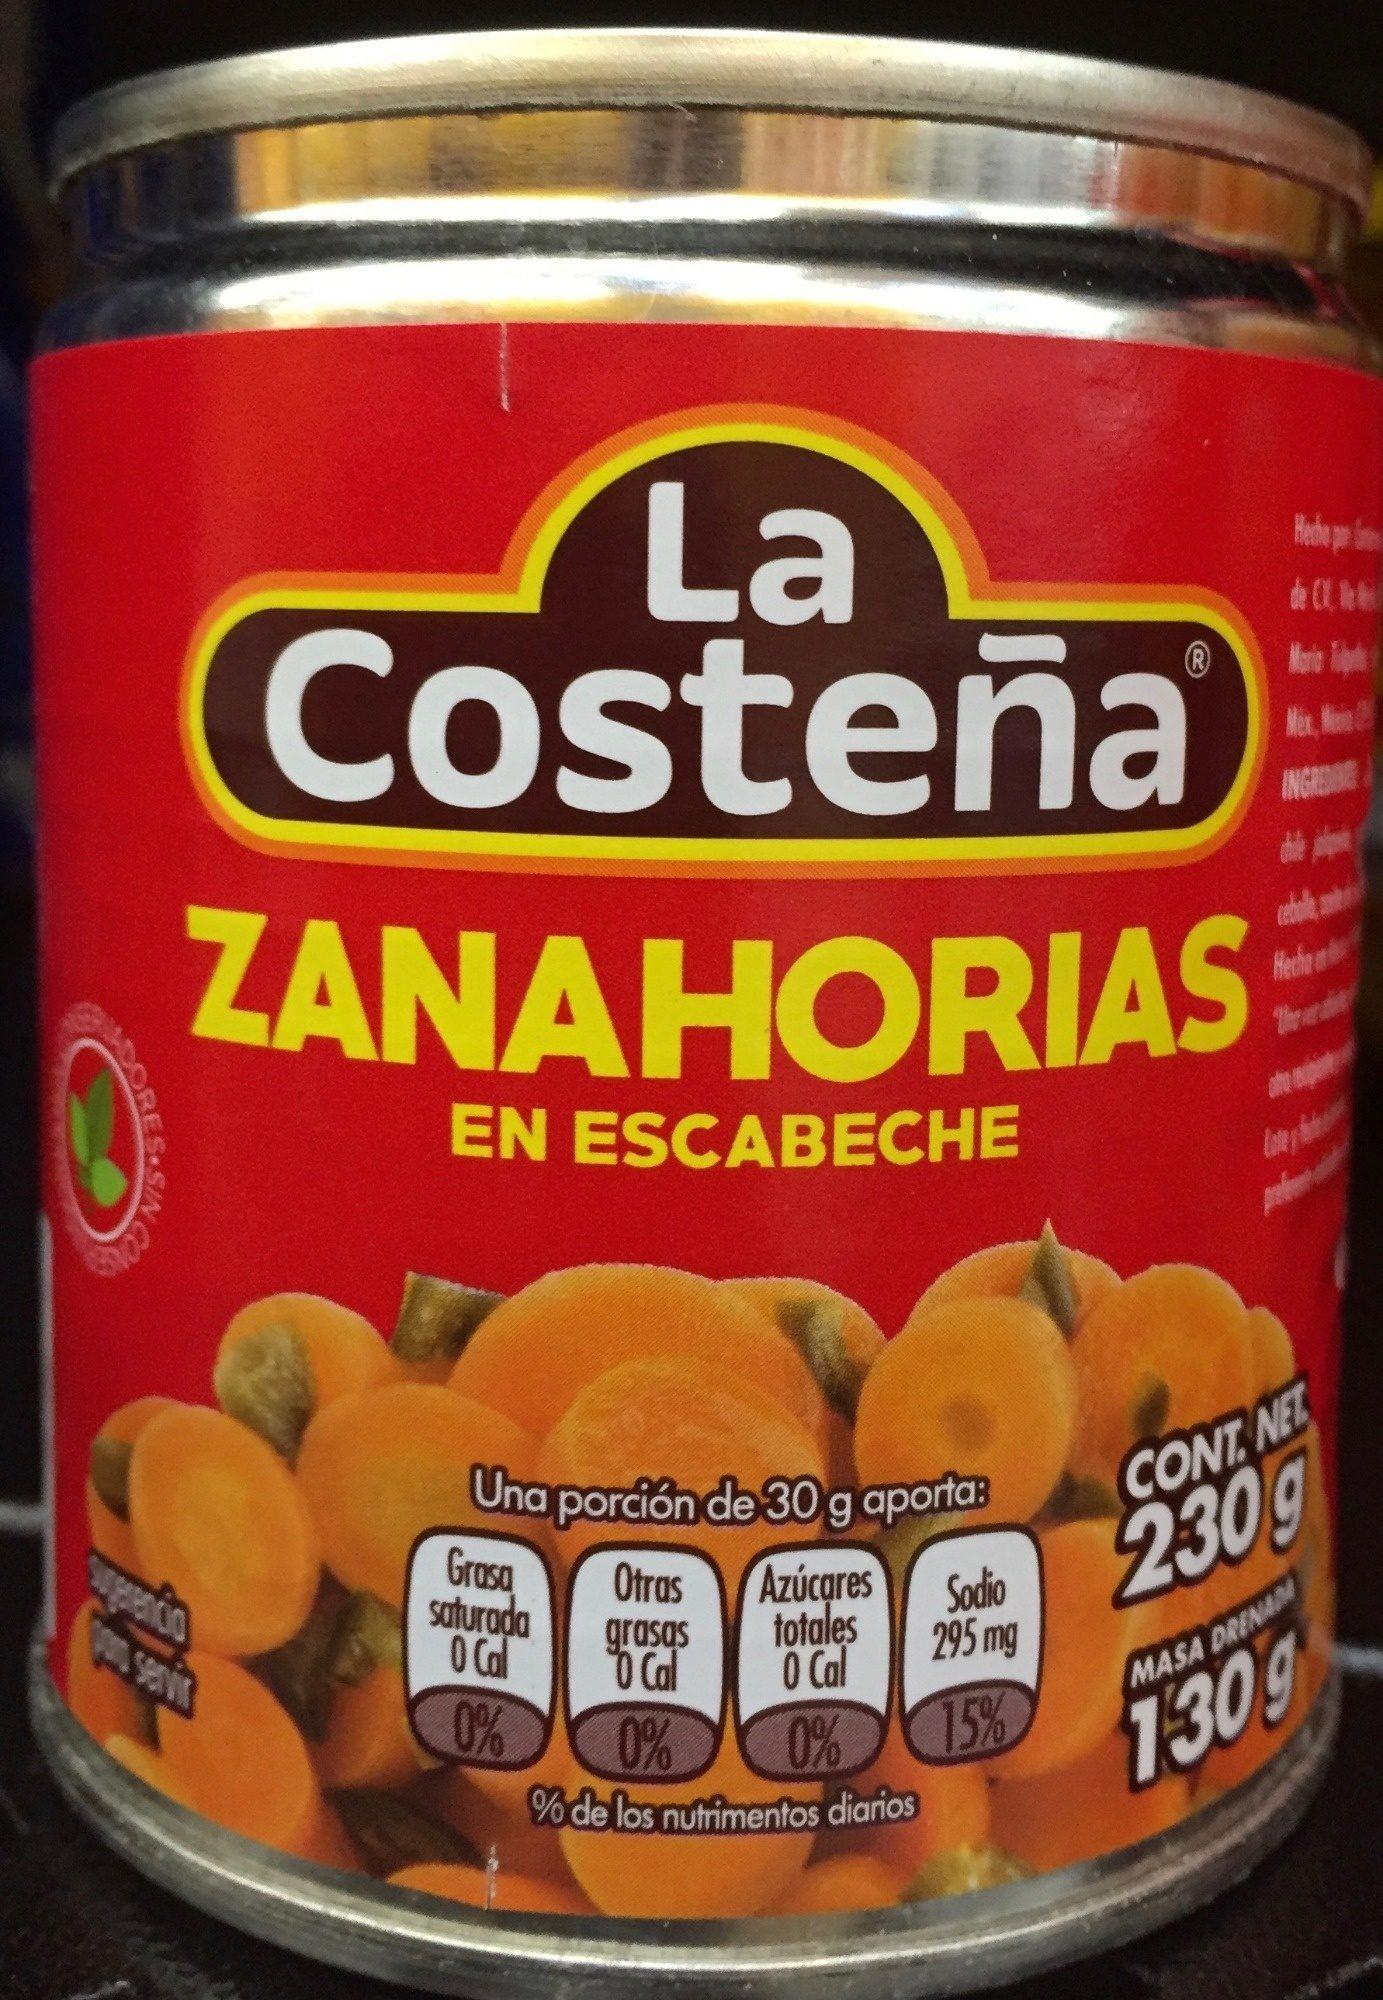 La Costena Zanahorias En Escabeche 230 G El escabeche es un método de conservación de alimentos en vinagre. https creativecommons org licenses by sa 3 0